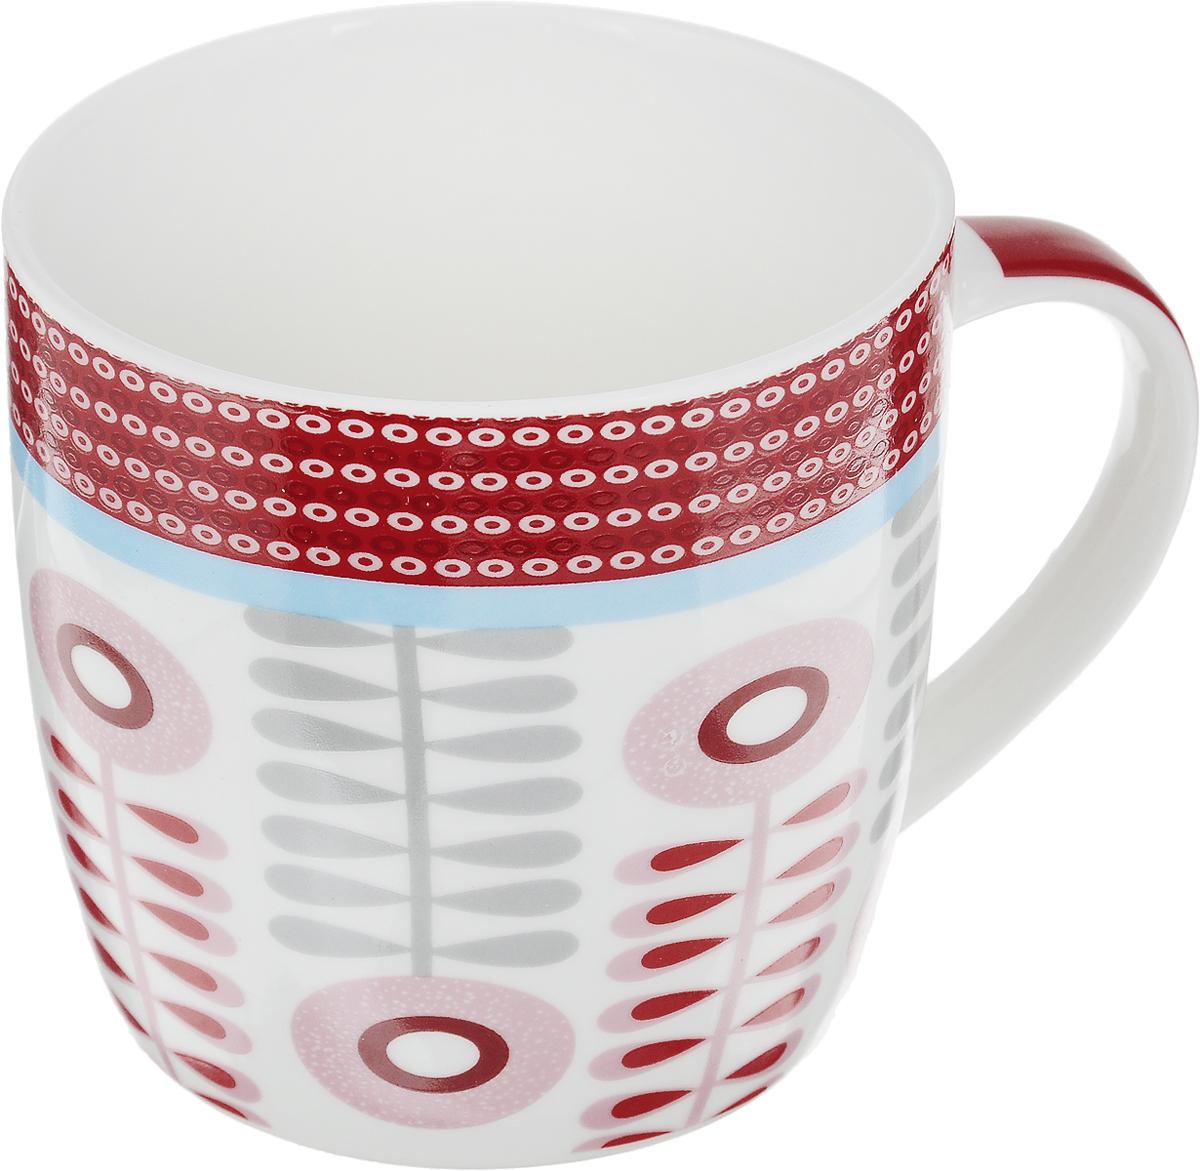 Кружка Loraine, цвет: белый, розовый, красный, 320 мл24479Кружка Loraine изготовлена из прочного качественного костяного фарфора. Изделие оформлено красочным абстрактным рисунком. Благодаря своим термостатическим свойствам, изделие отлично сохраняет температуру содержимого - морозной зимой кружка будет согревать вас горячим чаем, а знойным летом, напротив, радовать прохладными напитками. Такой аксессуар создаст атмосферу тепла и уюта, настроит на позитивный лад и подарит хорошее настроение с самого утра. Это оригинальное изделие идеально подойдет в подарок близкому человеку. Диаметр (по верхнему краю): 8,5 см. Высота кружки: 8 см.